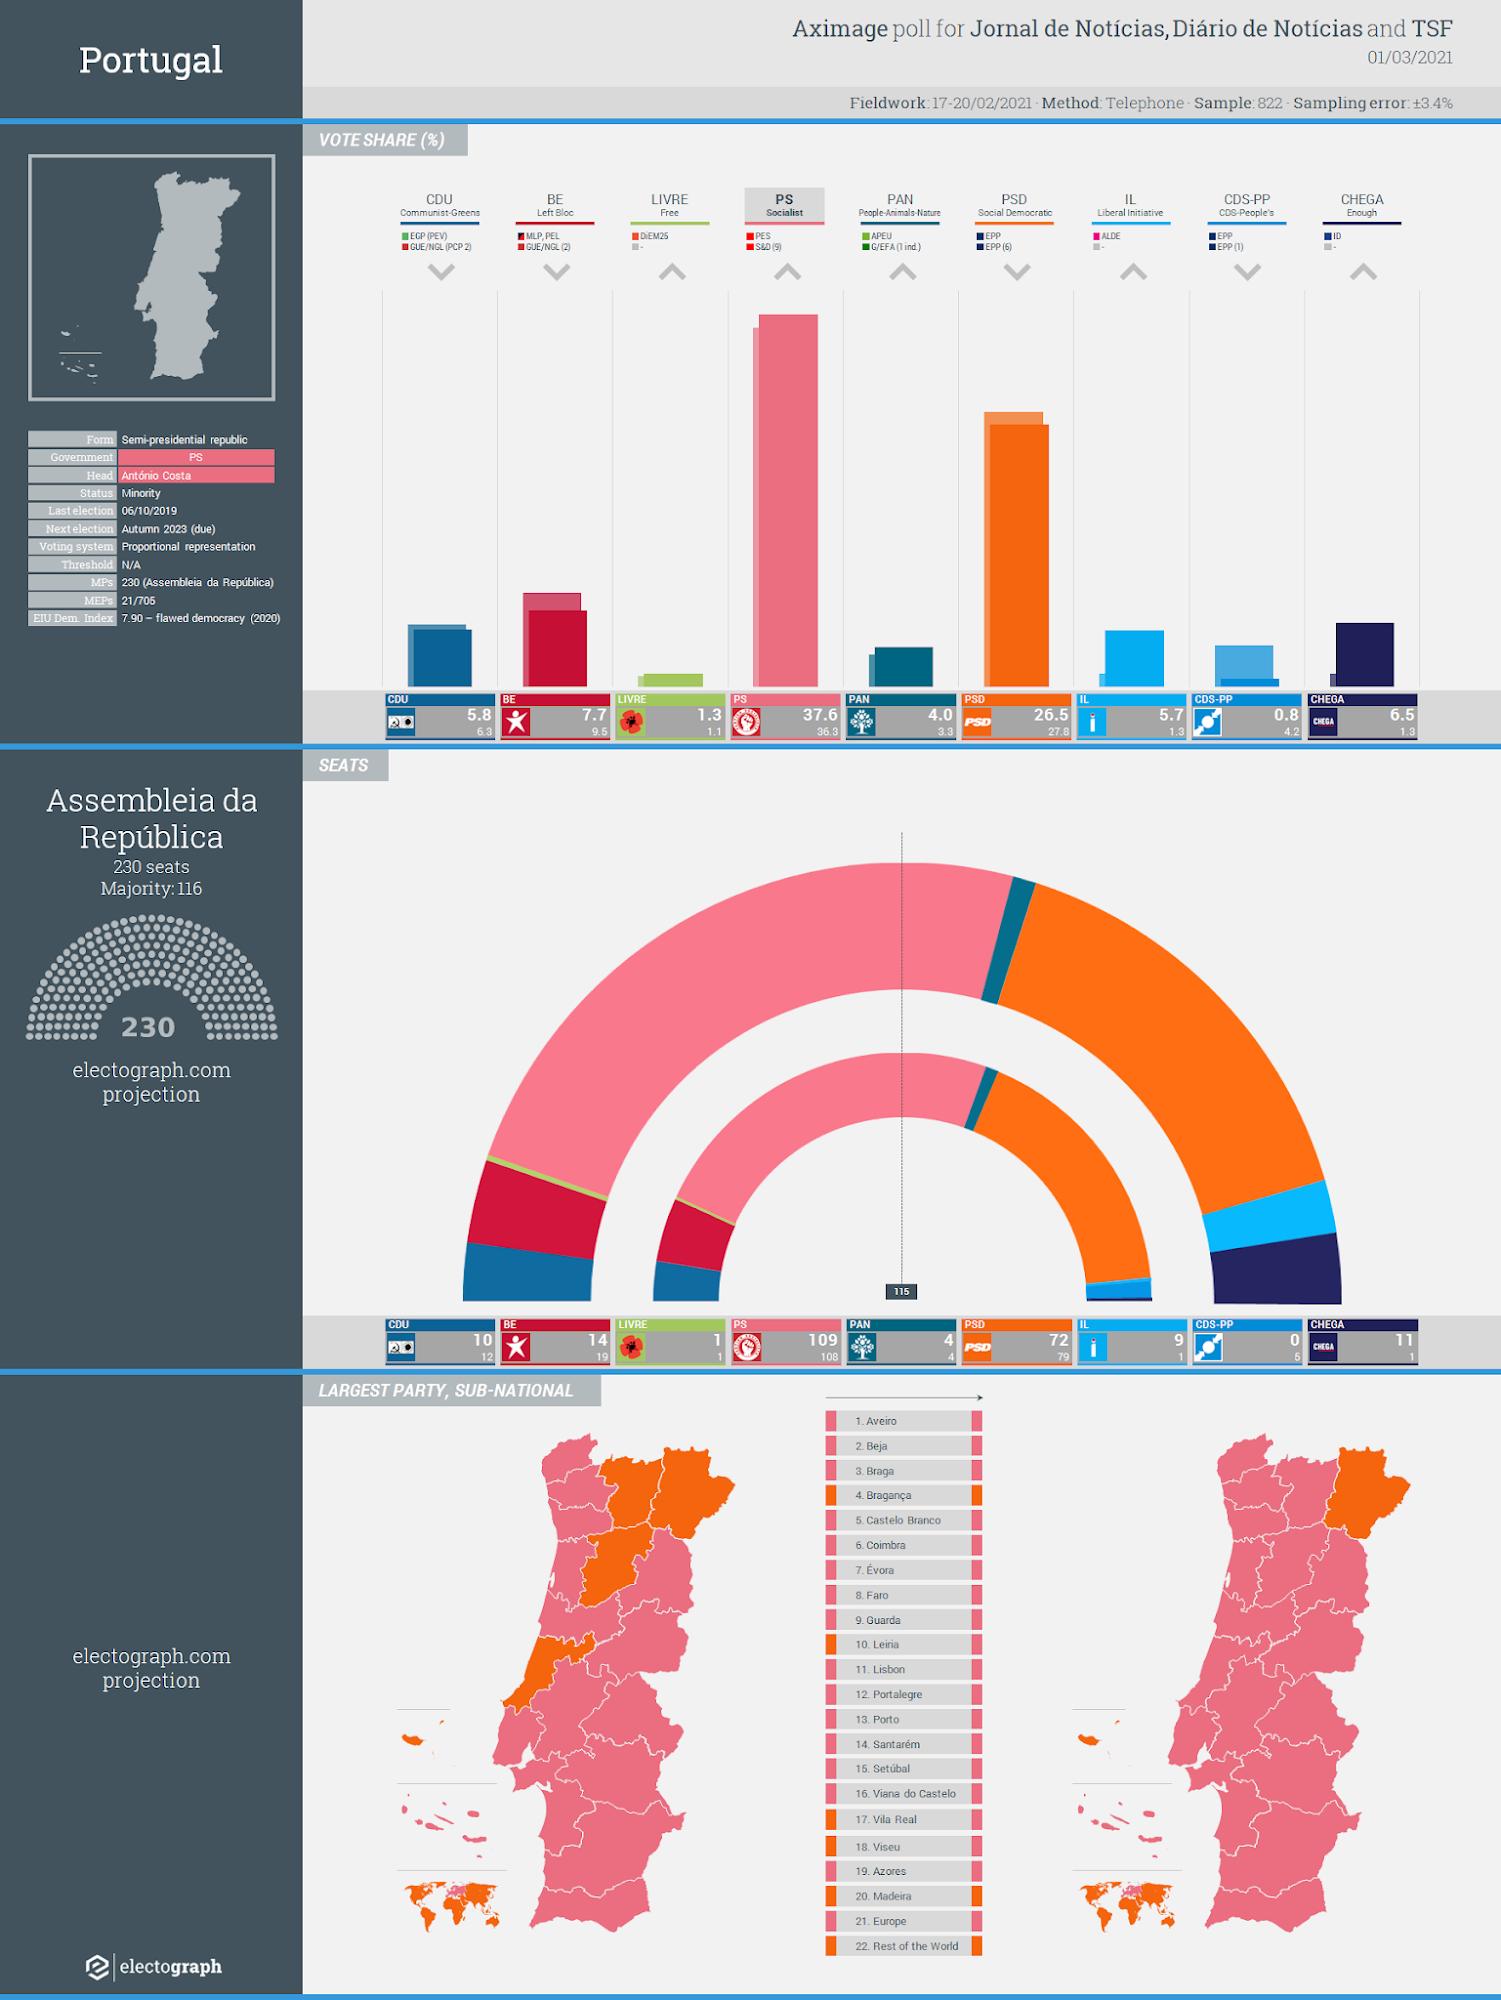 PORTUGAL: Aximage poll chart for Jornal de Notícias, Diário de Notícias and TSF, 1 March 2021